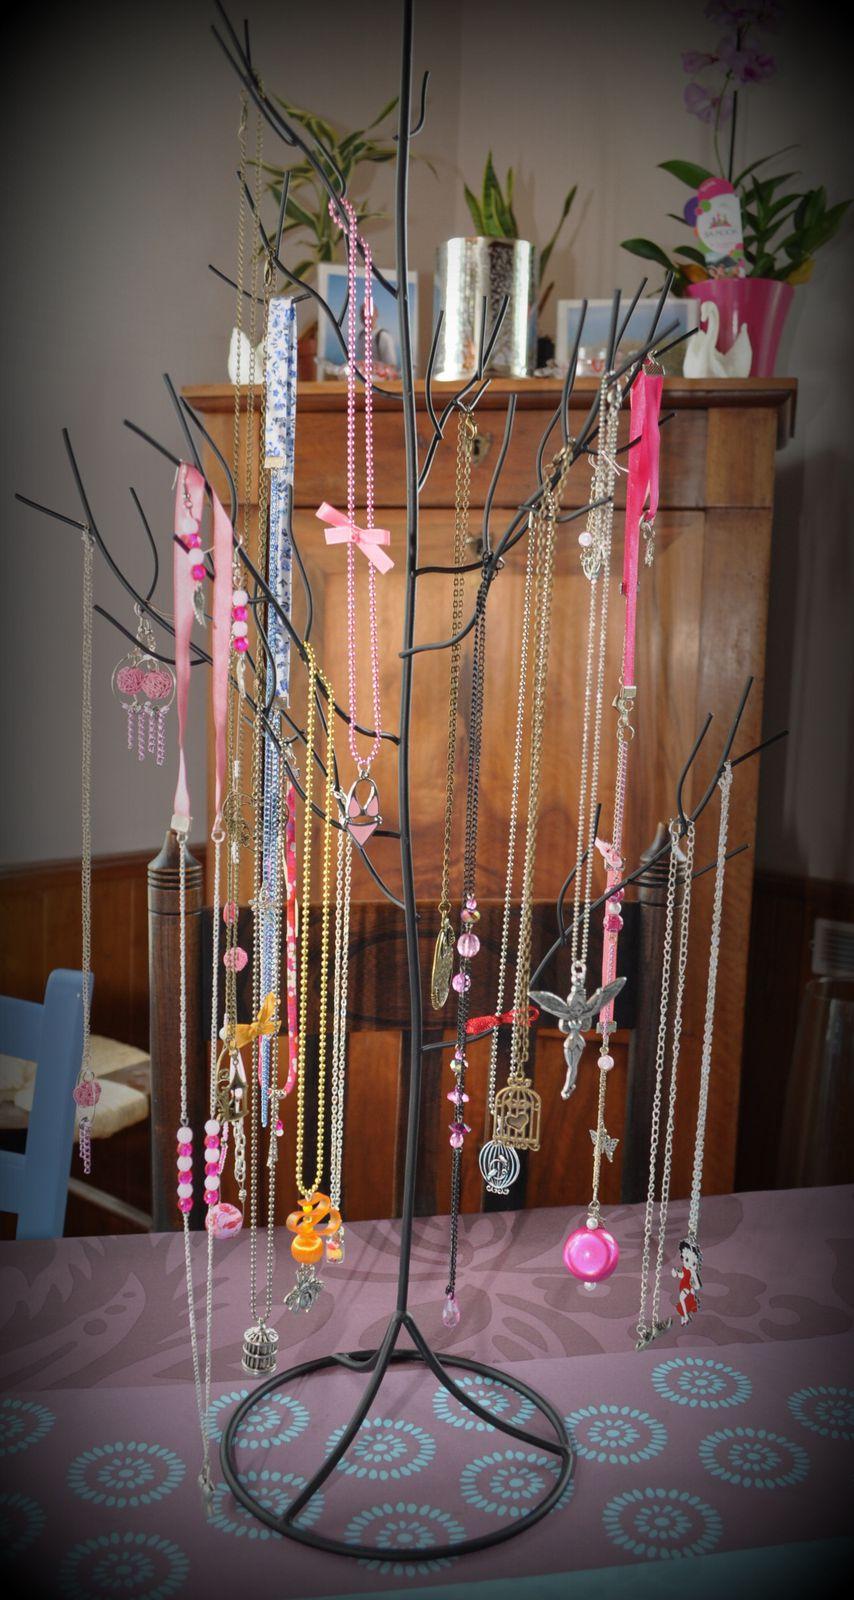 Présentation de mes bijoux lors de mes ventes à domicile